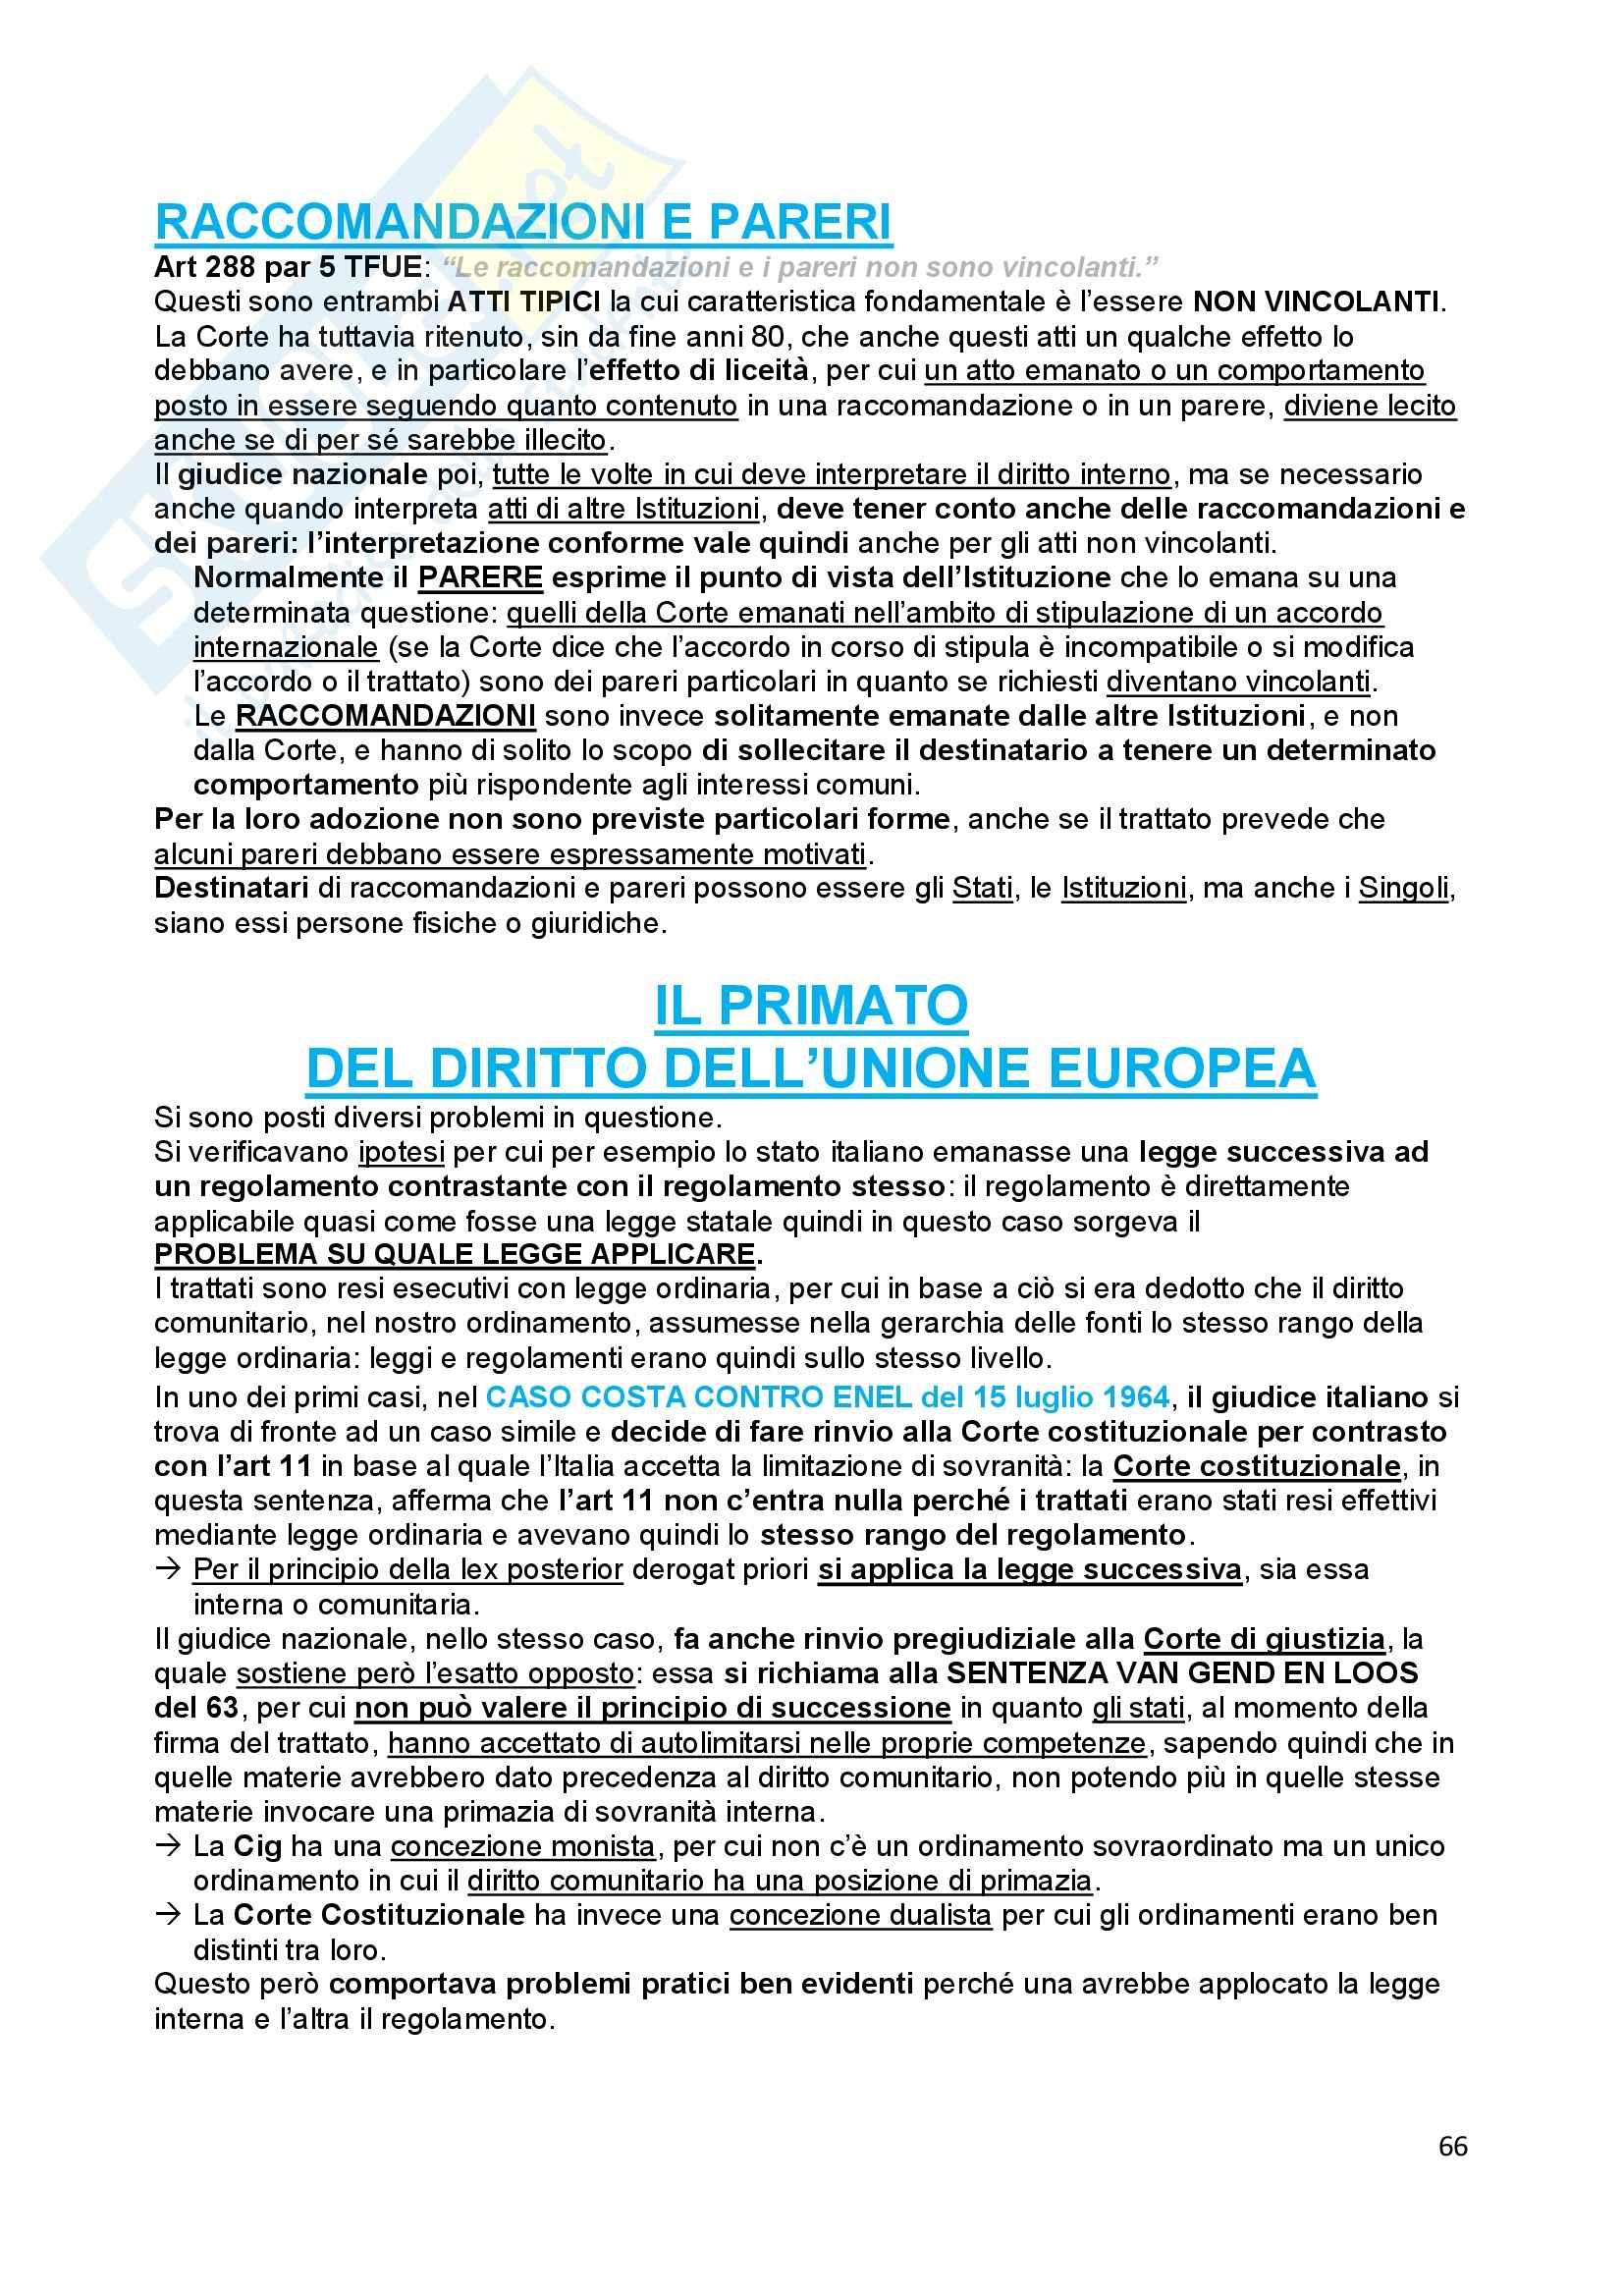 Riassunto esame Diritto dell'Unione Europea, prof. Baruffi, libro consigliato Tesauro Pag. 66